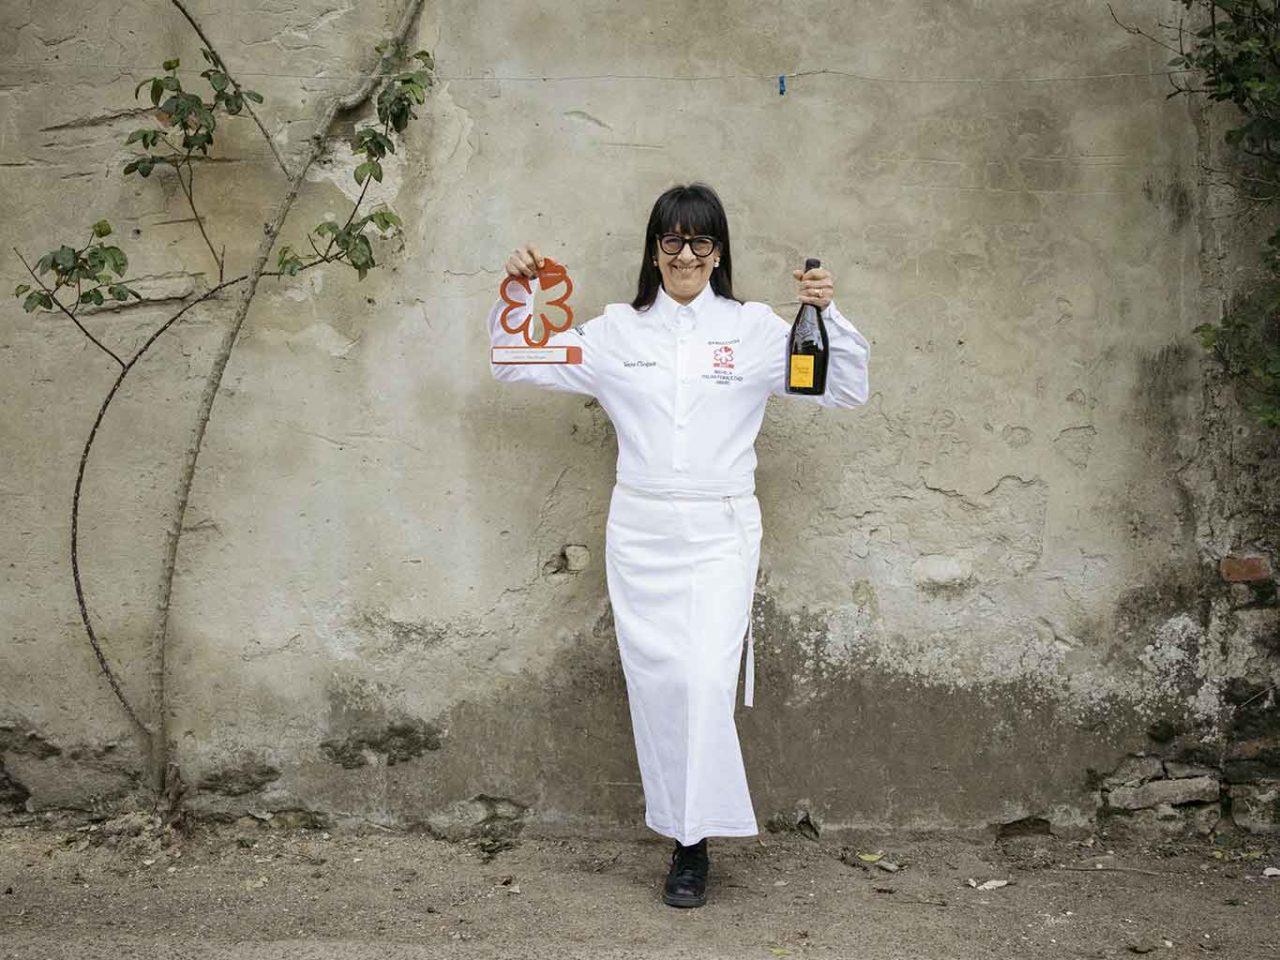 Isa Mazzocchi e il premio Veuve Clicquot